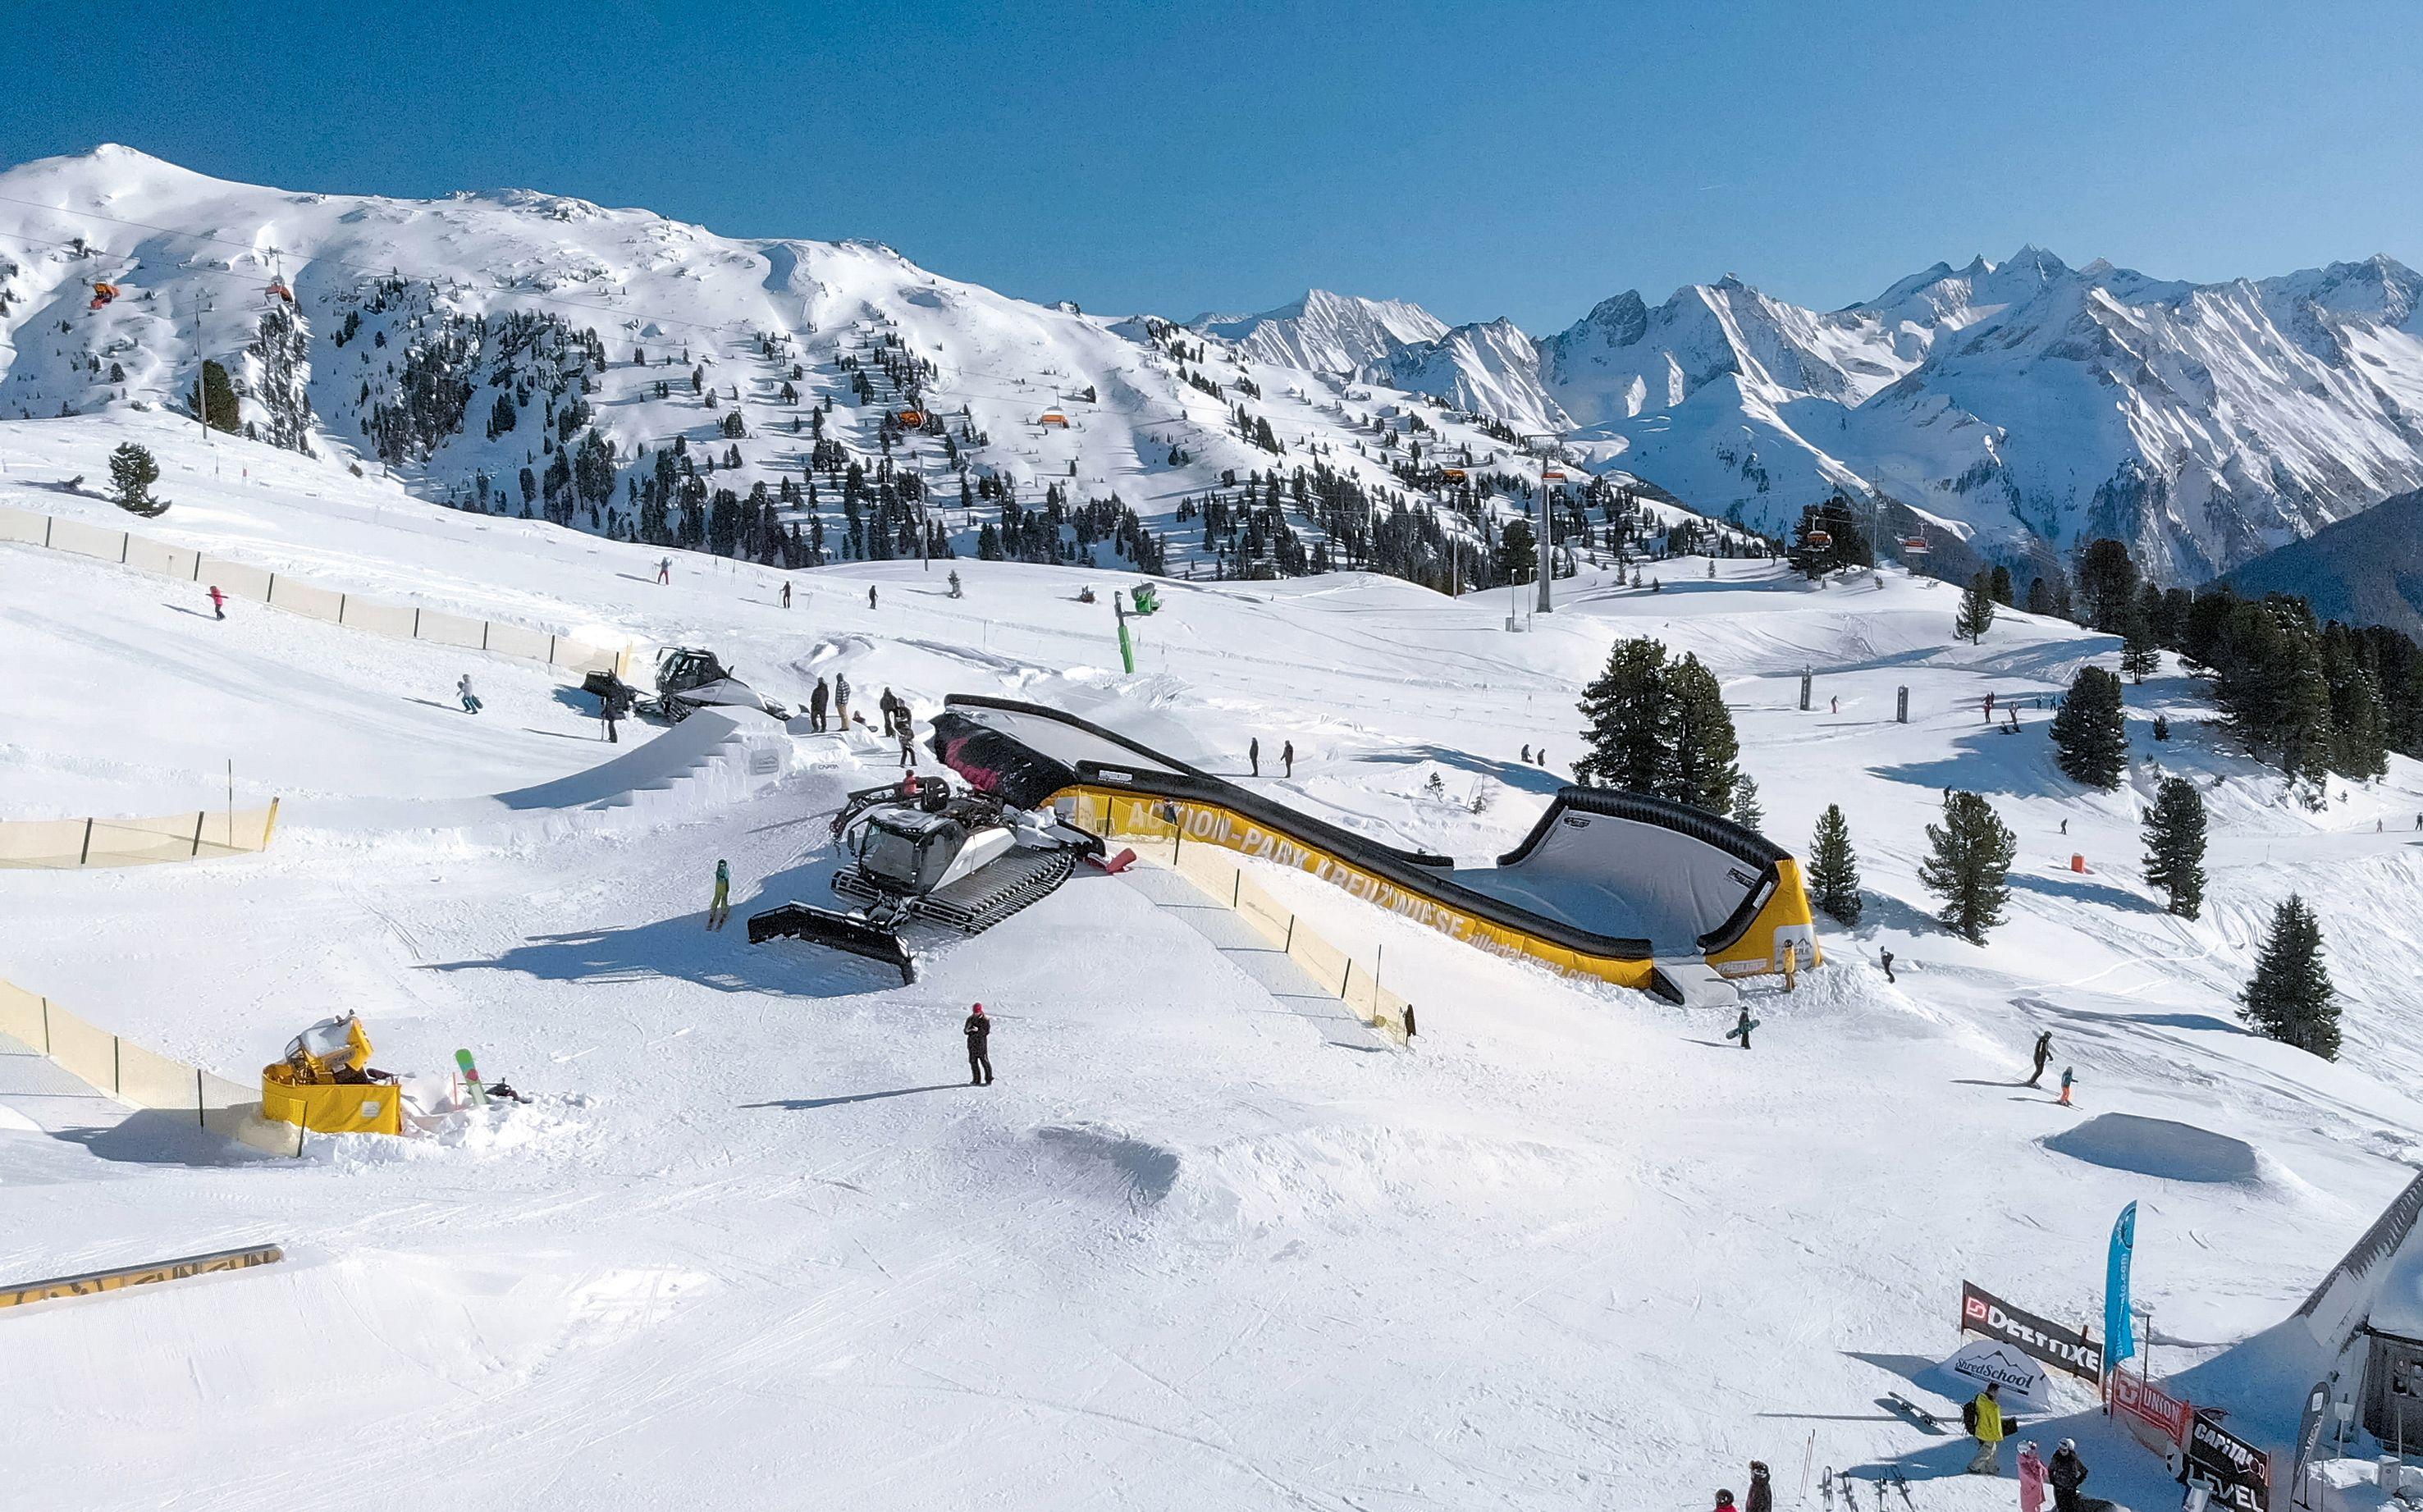 Die Zillertal Arena – das größte Skigebiet des Zillertals – bietet ab sofort als einziges Skigebiet weltweit einen permanenten Landingbag (ein riesiges Luftkissen) für Jedermann, der im Winter mit echten Schneeabsprüngen benutzt werden kann. Das Angebot ist für alle Zillertal Arena Gäste kostenlos!